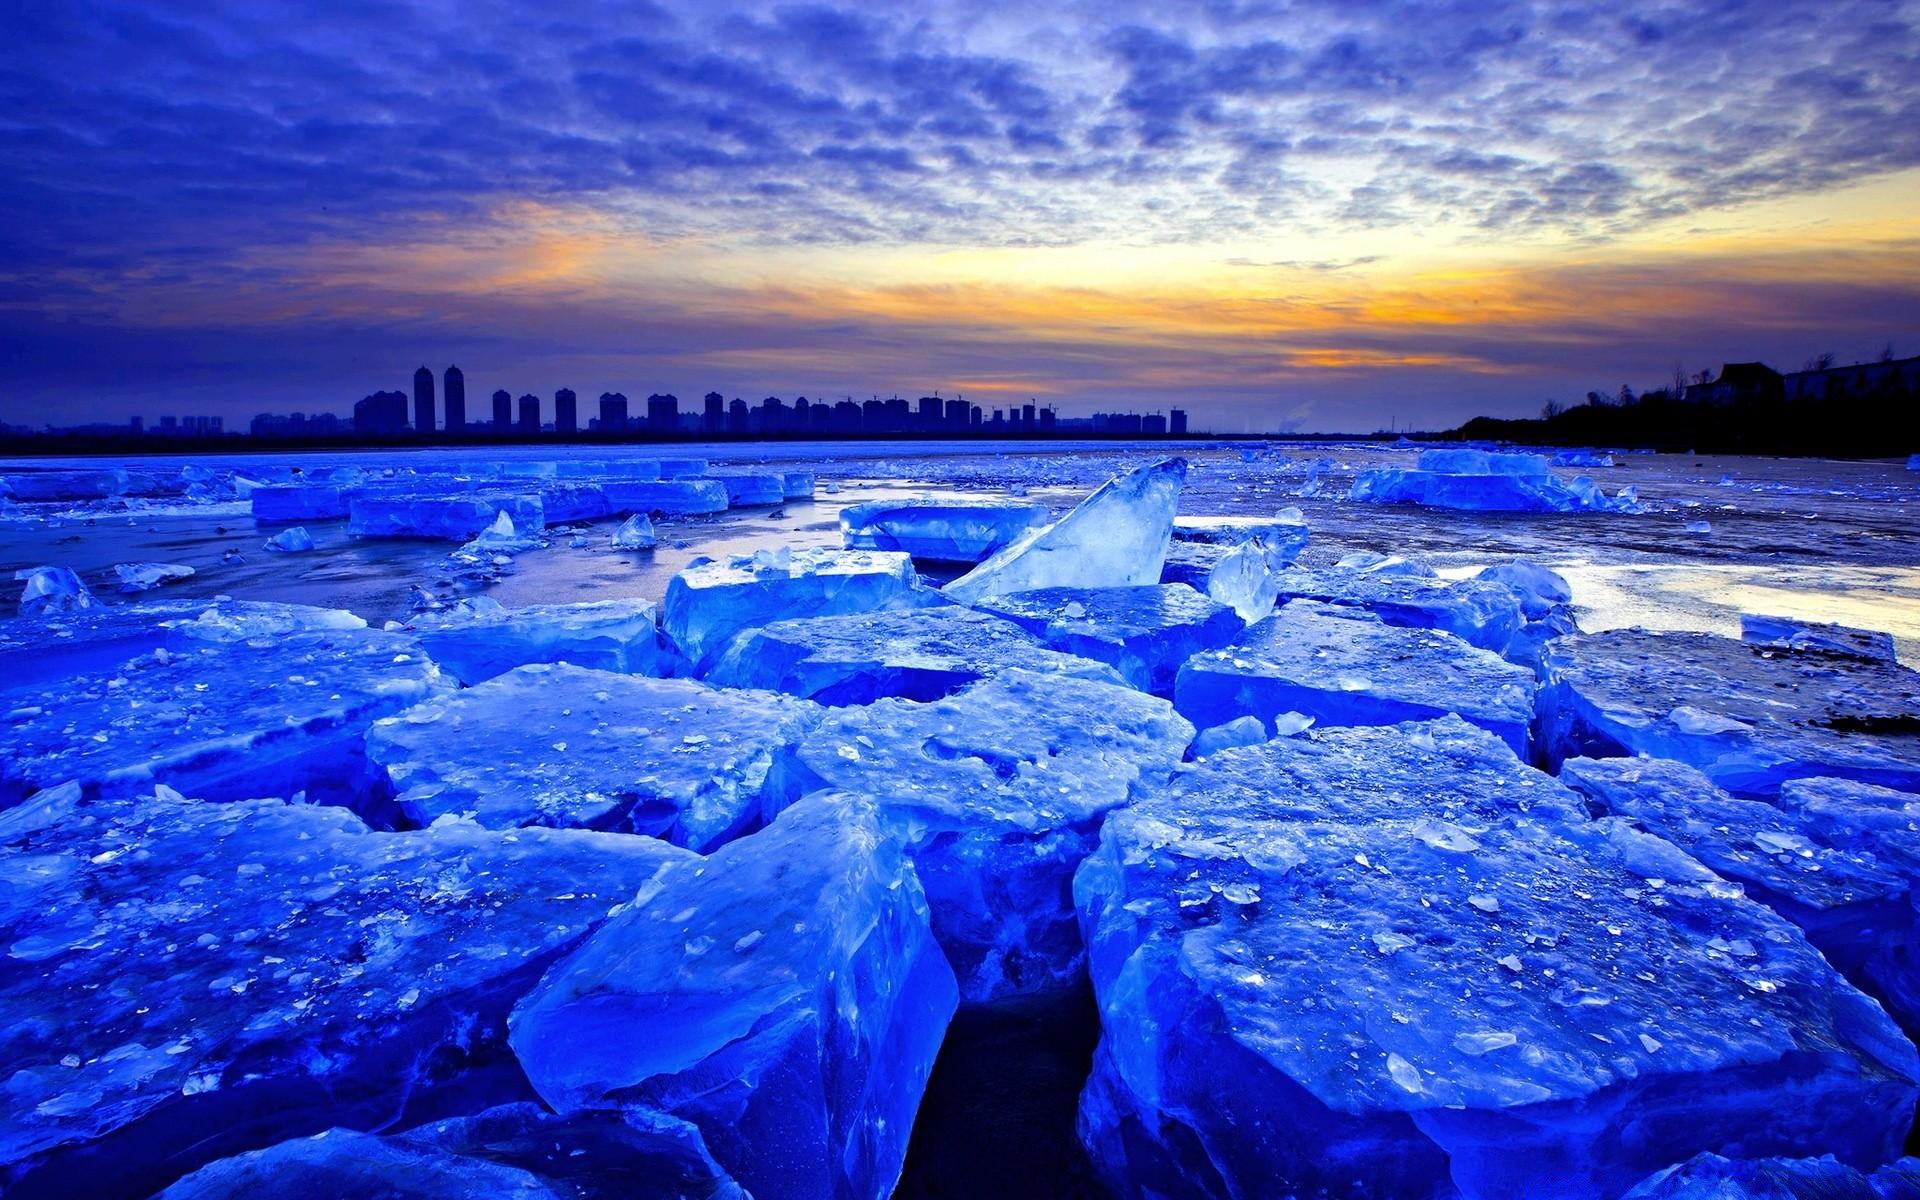 солнце льдины фокус  № 3229536 загрузить